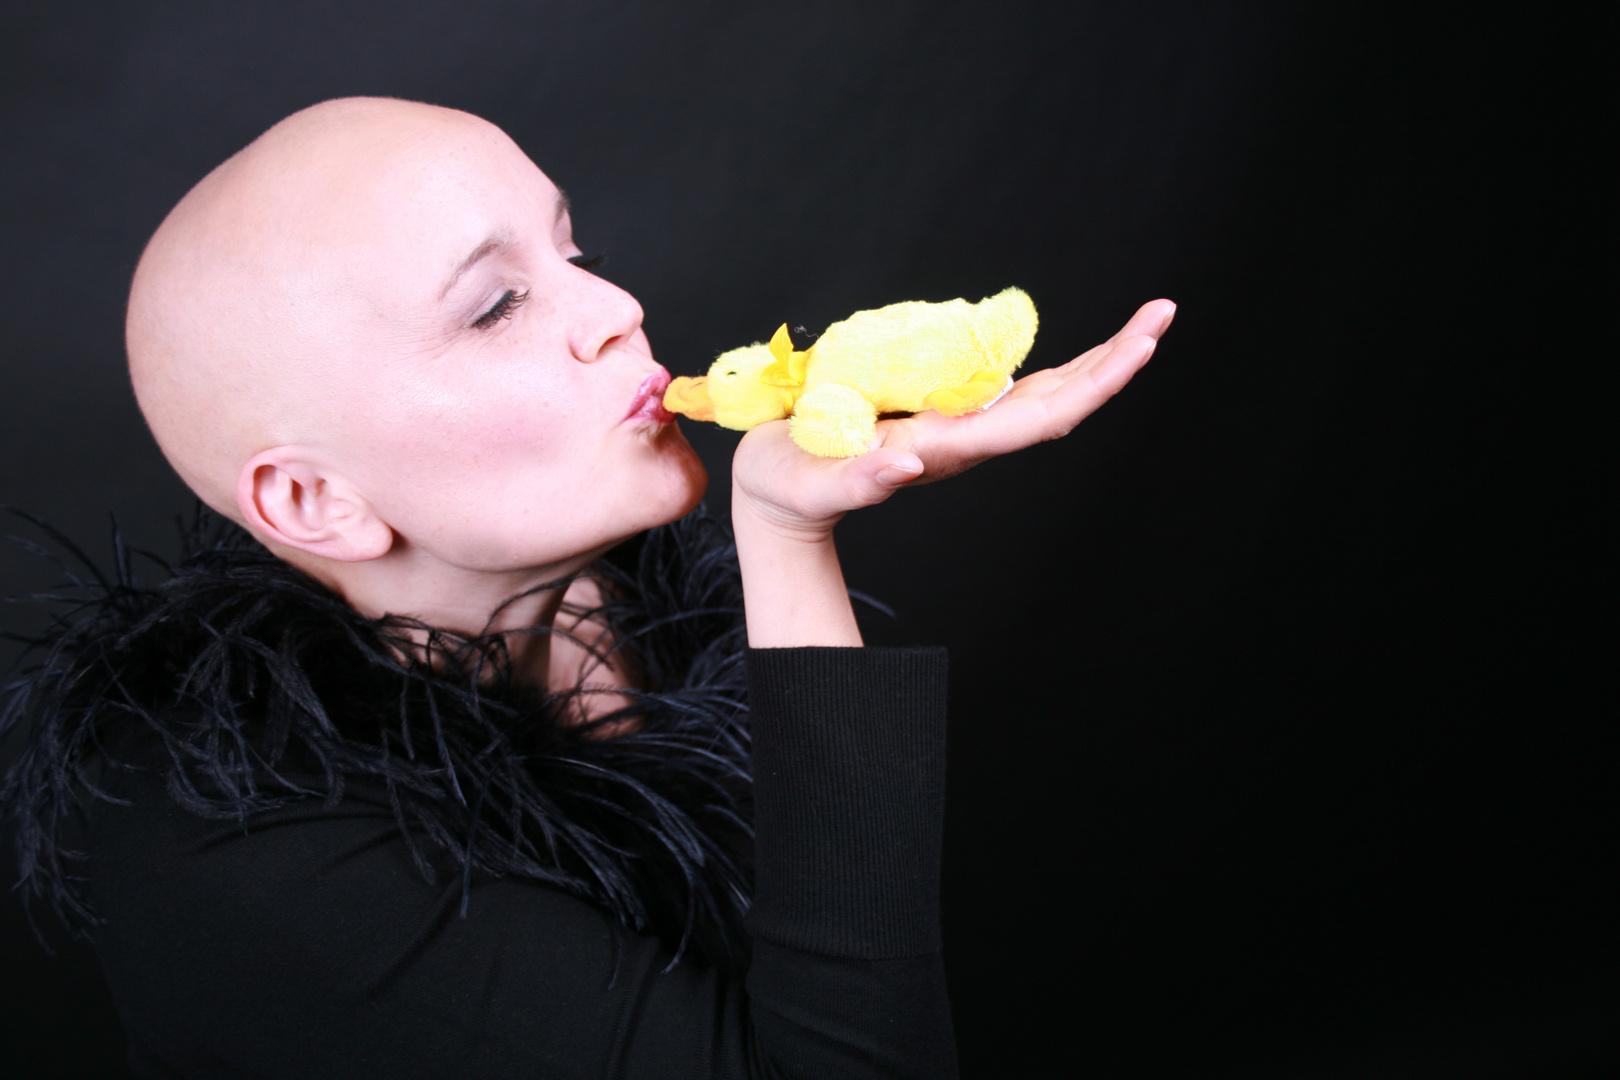 Schalala, kiss the duck!